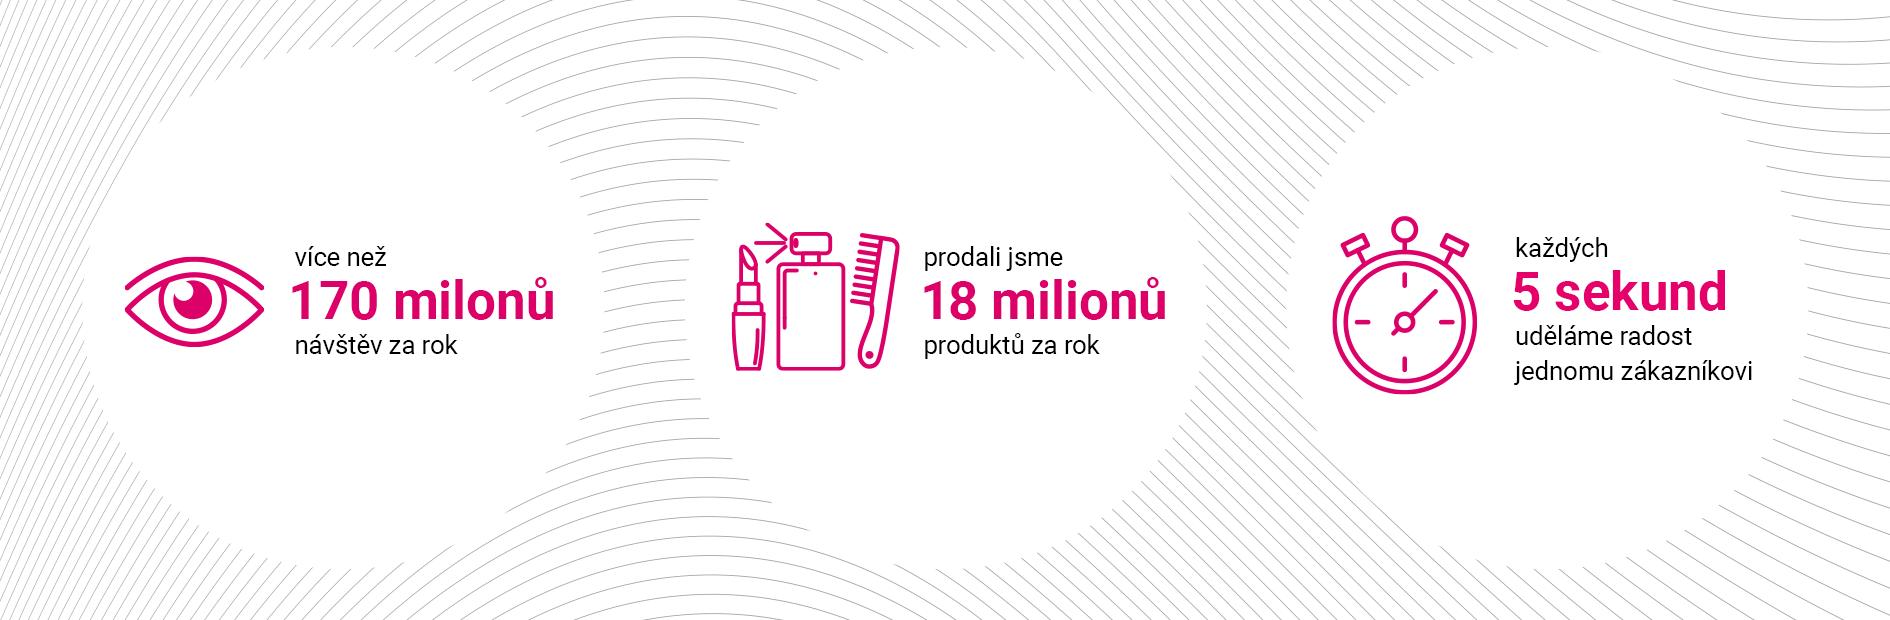 Každých 5 sekund prodáme parfém